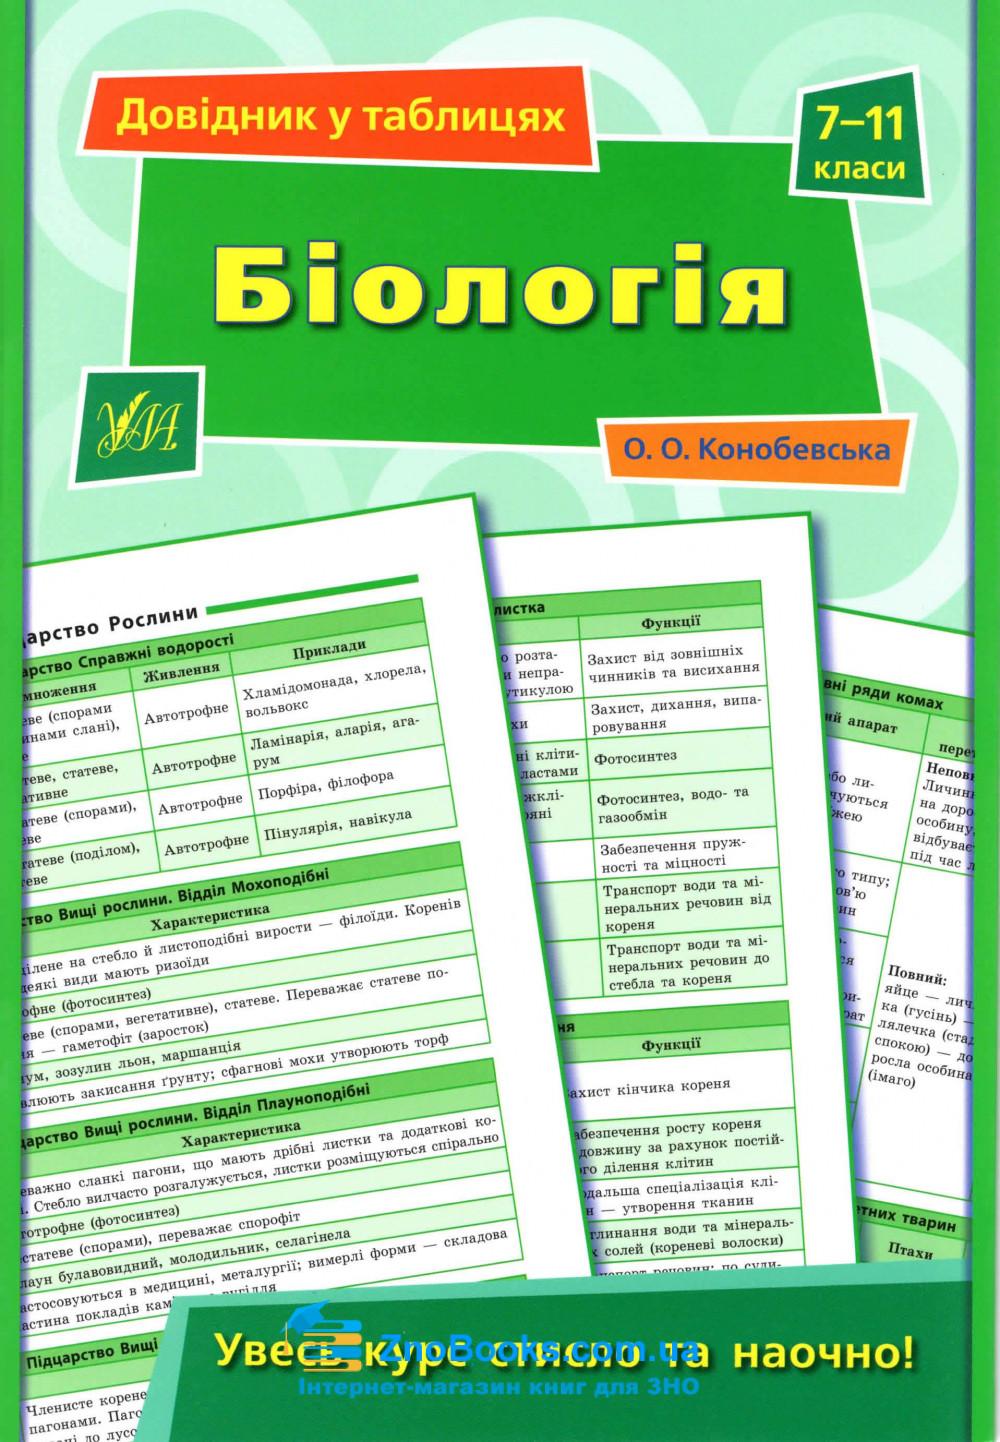 Біологія 7-11 класи. Серія «Довідник у таблицях».  Авт: Конобевська О. О. Вид-во: УЛА. купити 0